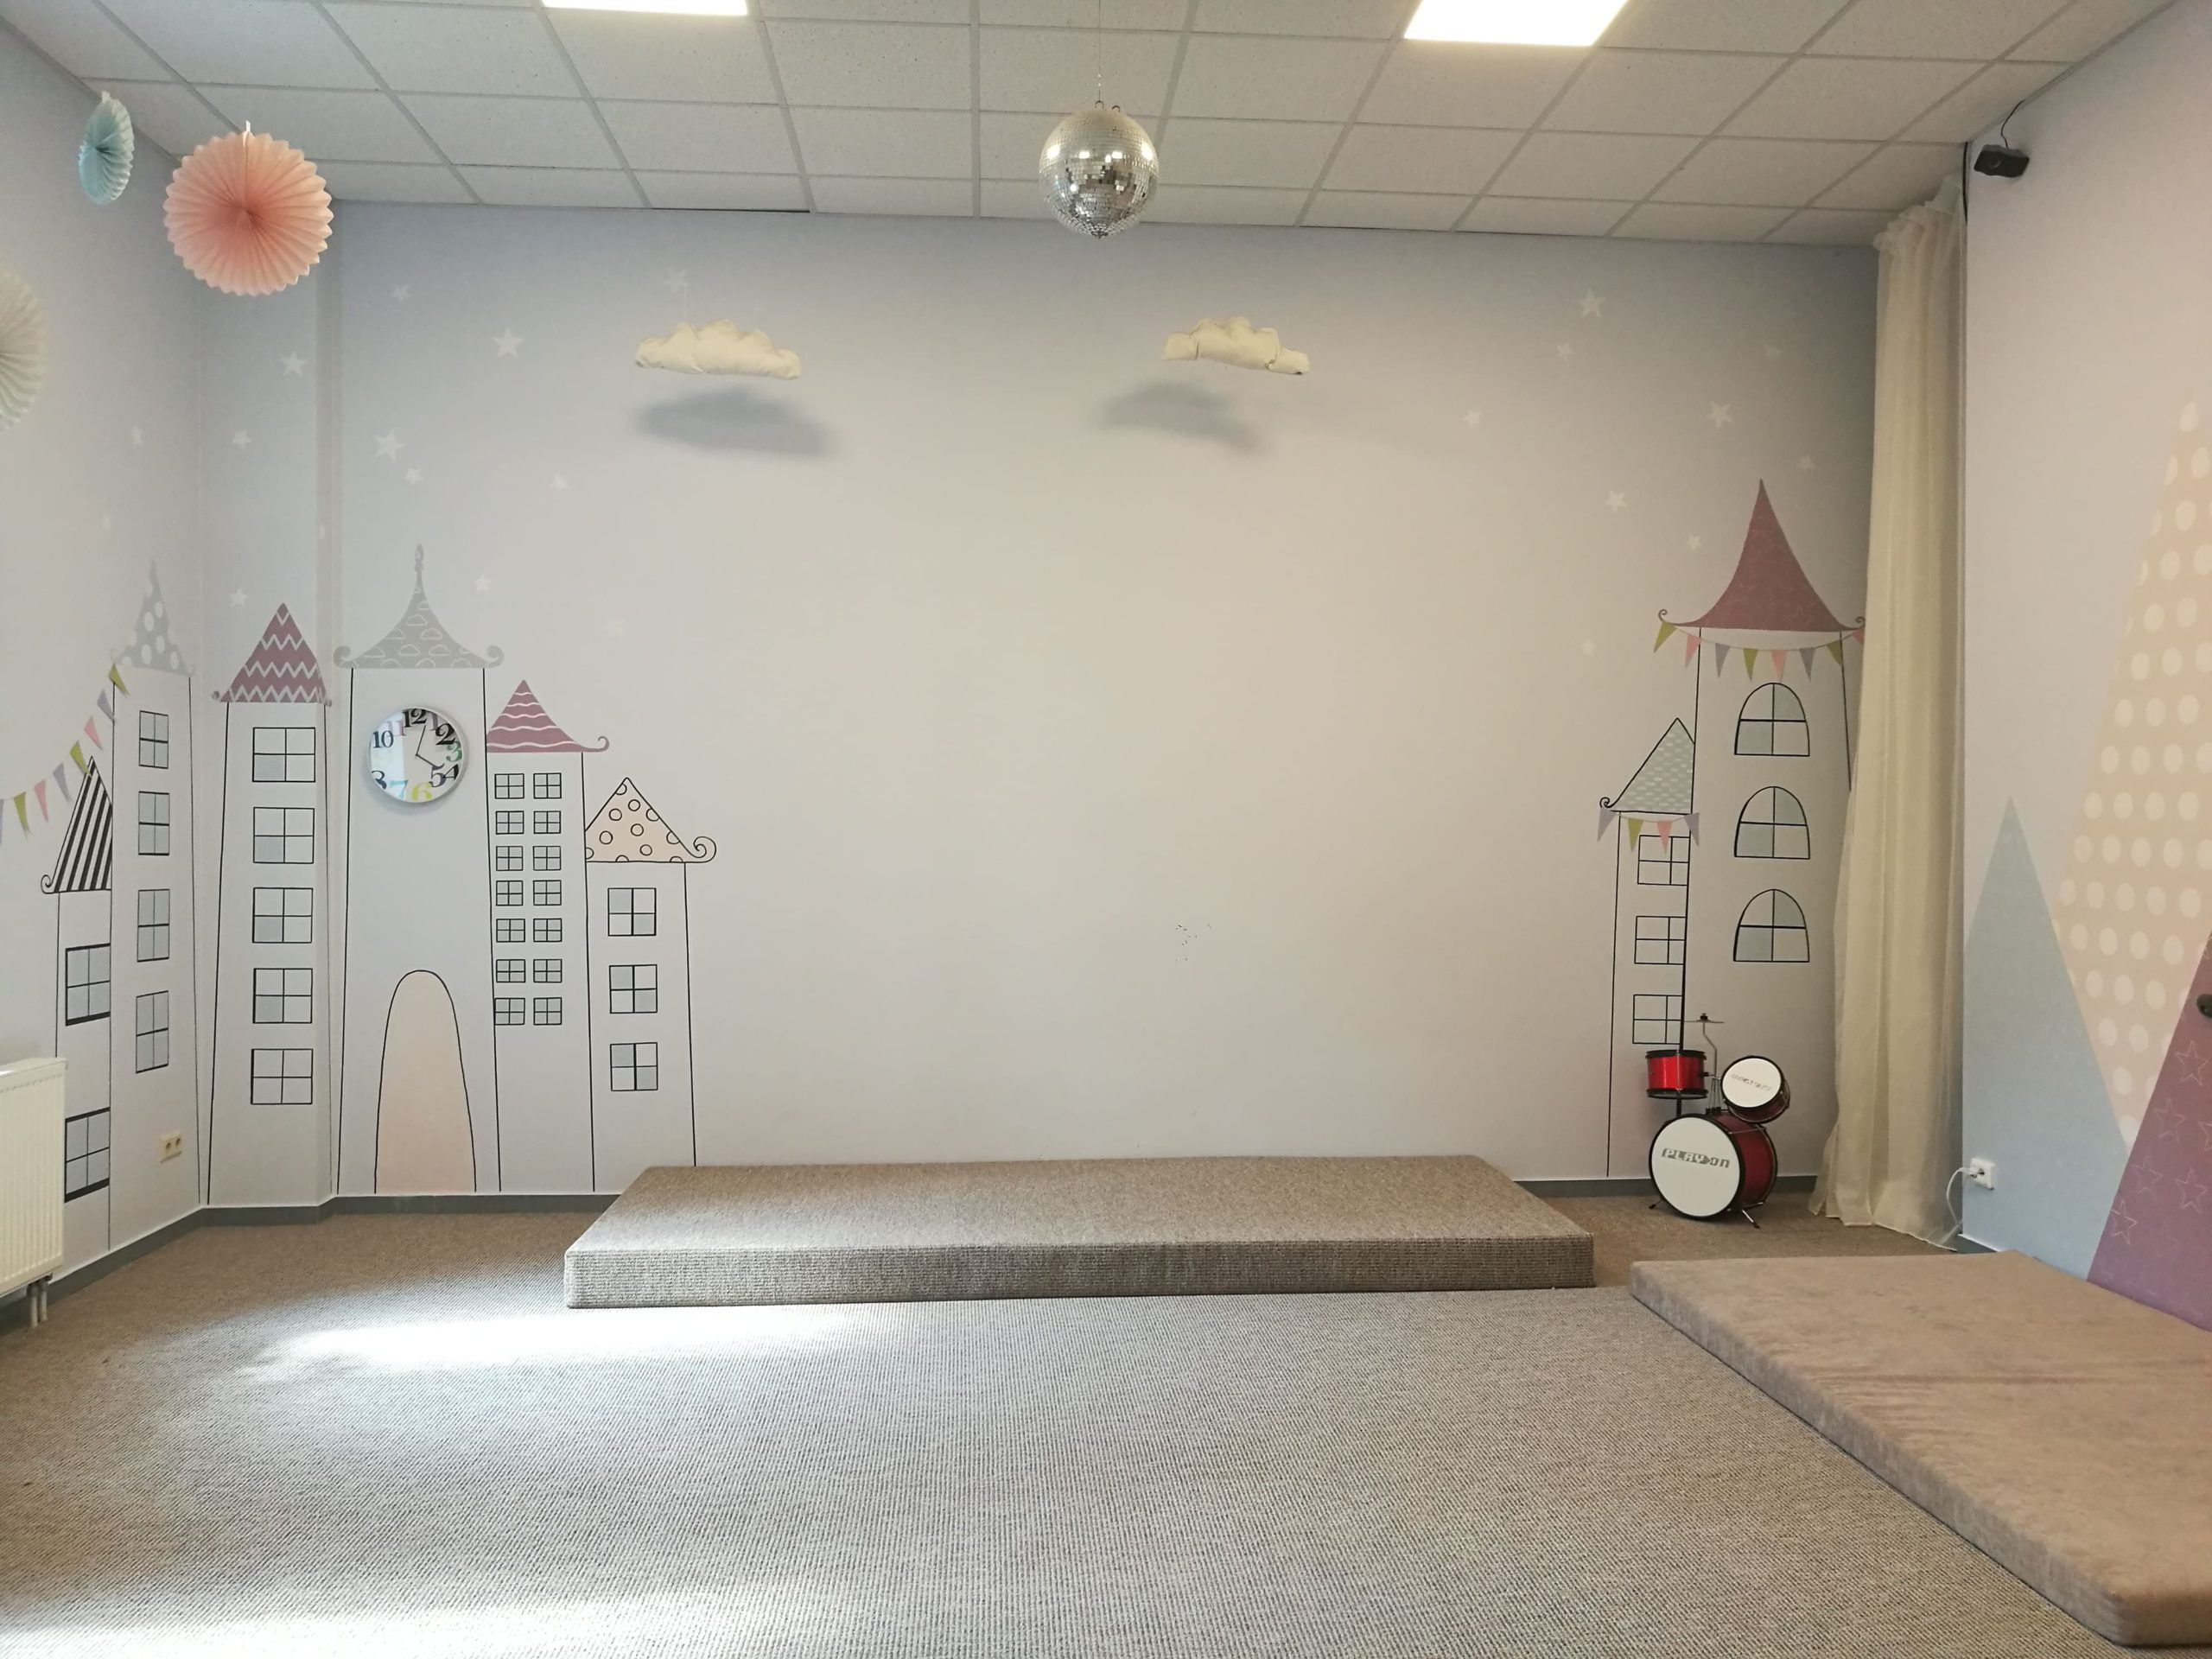 menine-kuryba-sienu-dekoravimas-ugdymo-istaigos (16)